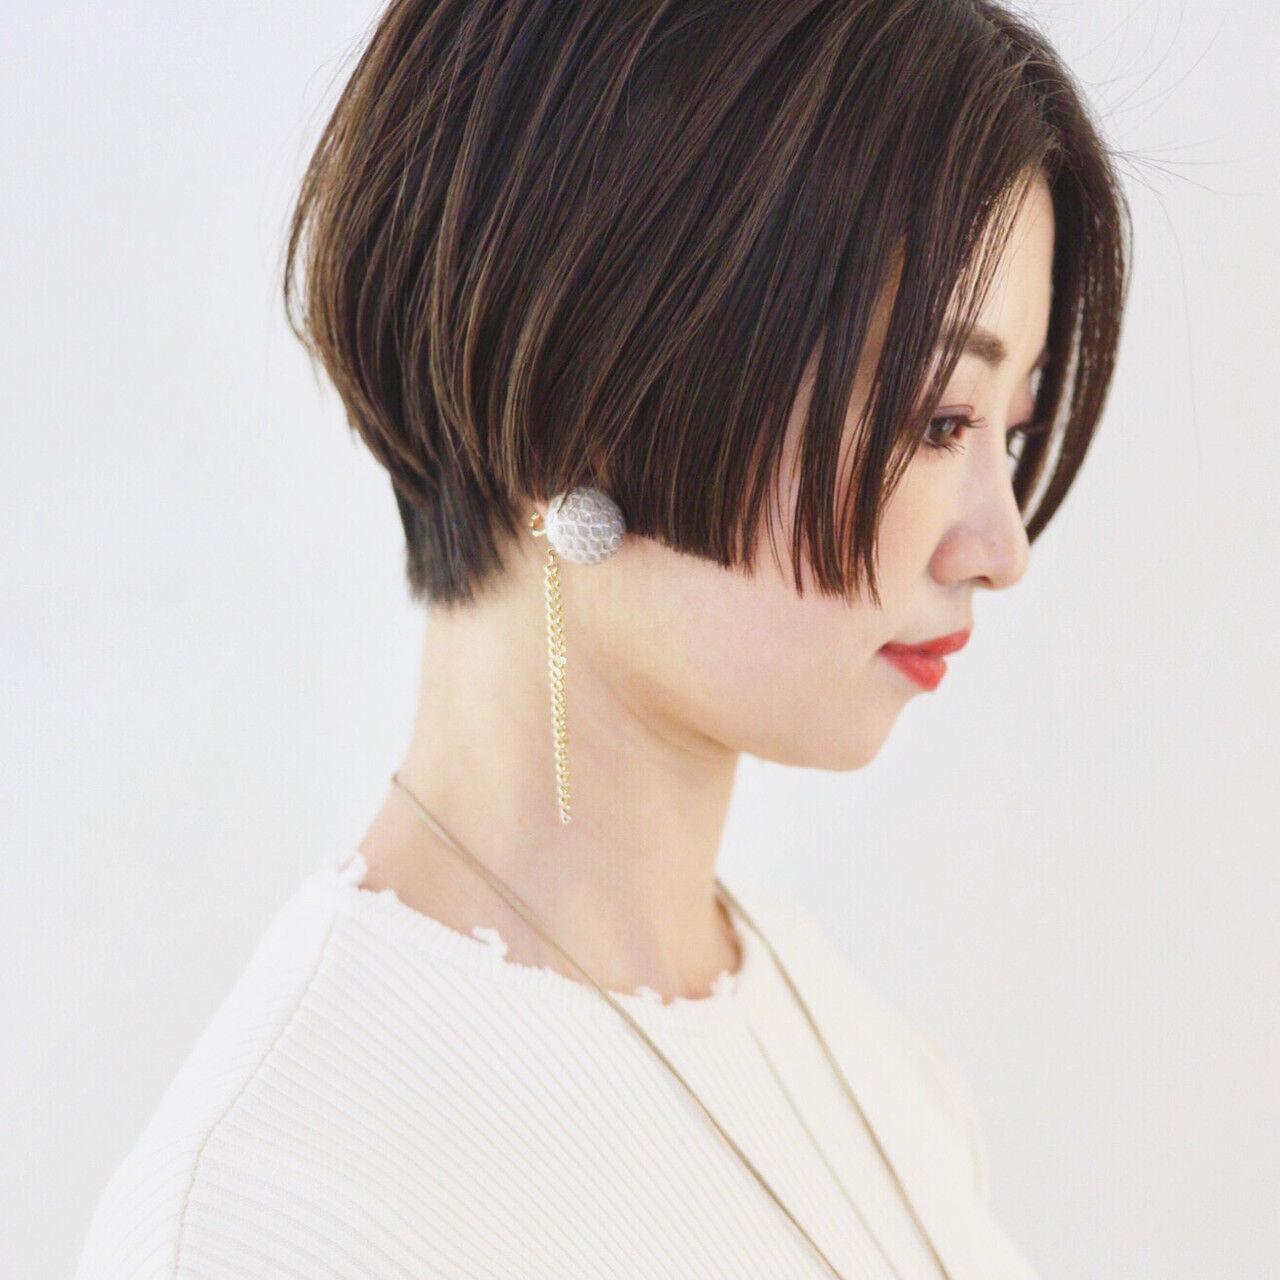 グレージュ ショート かっこいい アウトドアヘアスタイルや髪型の写真・画像